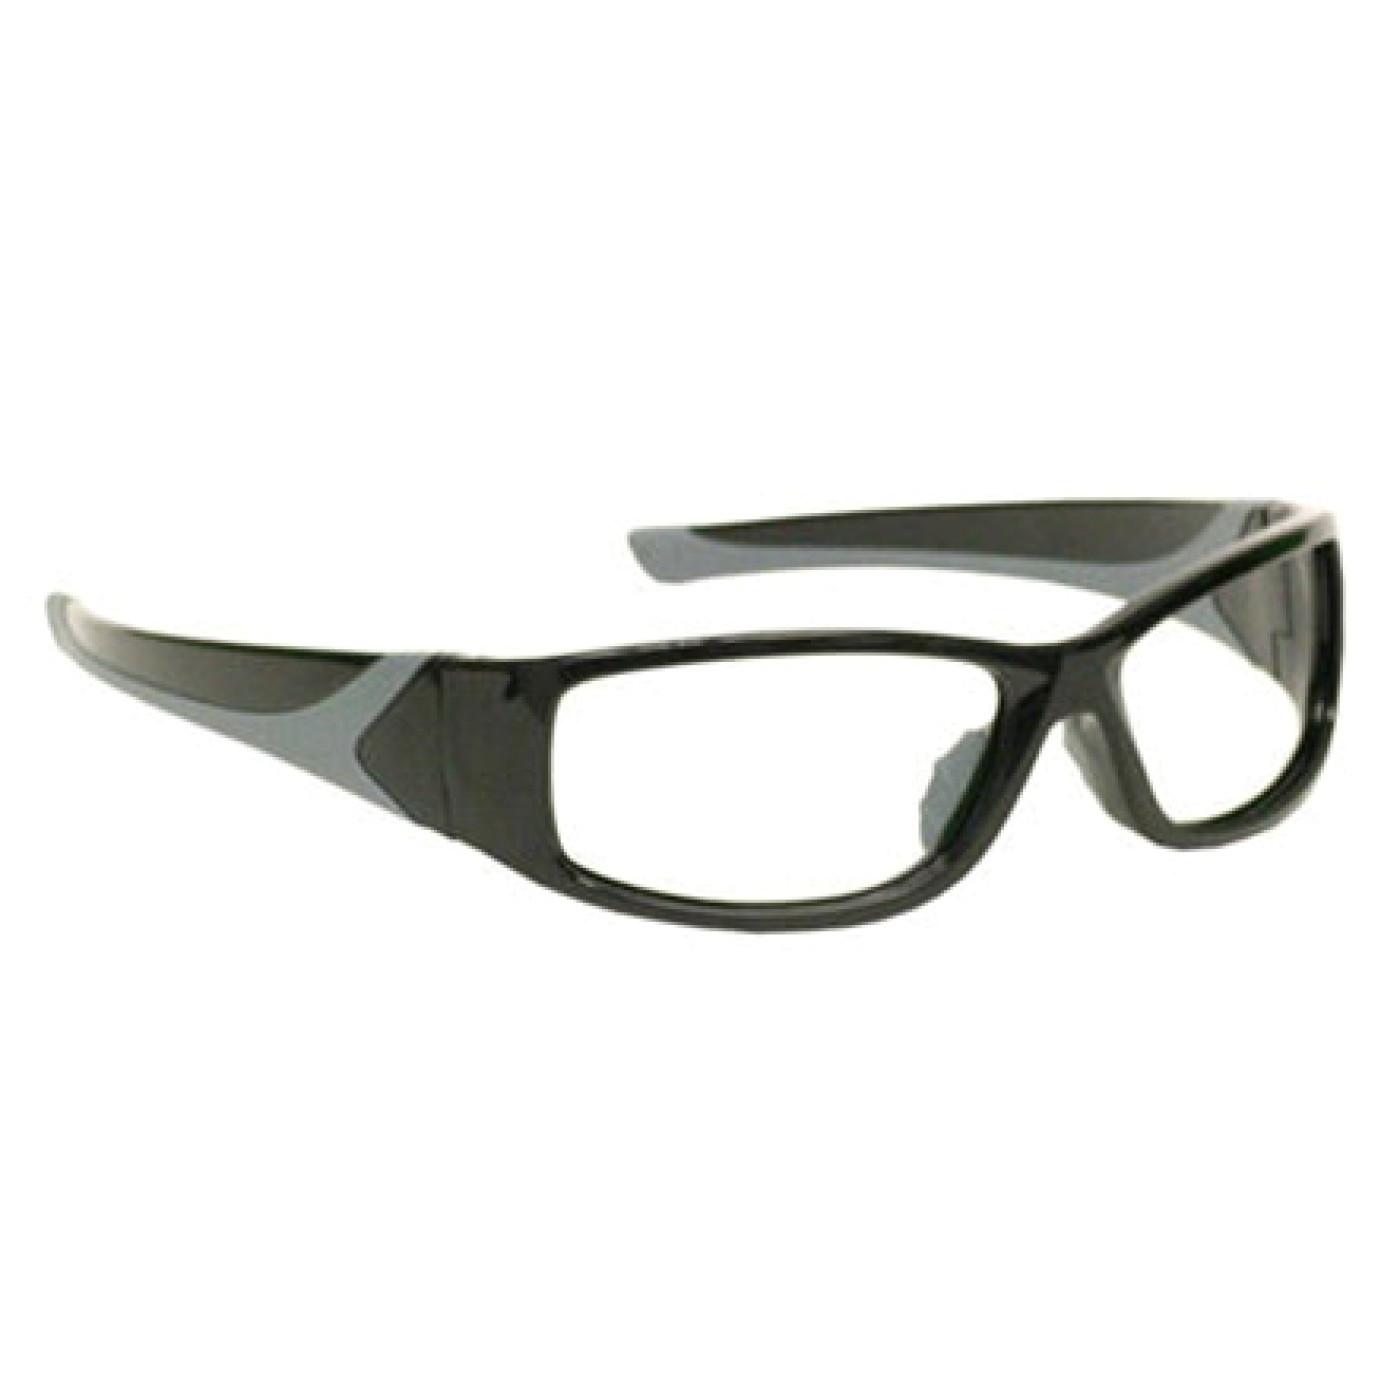 rg 808 radiation safety glasses